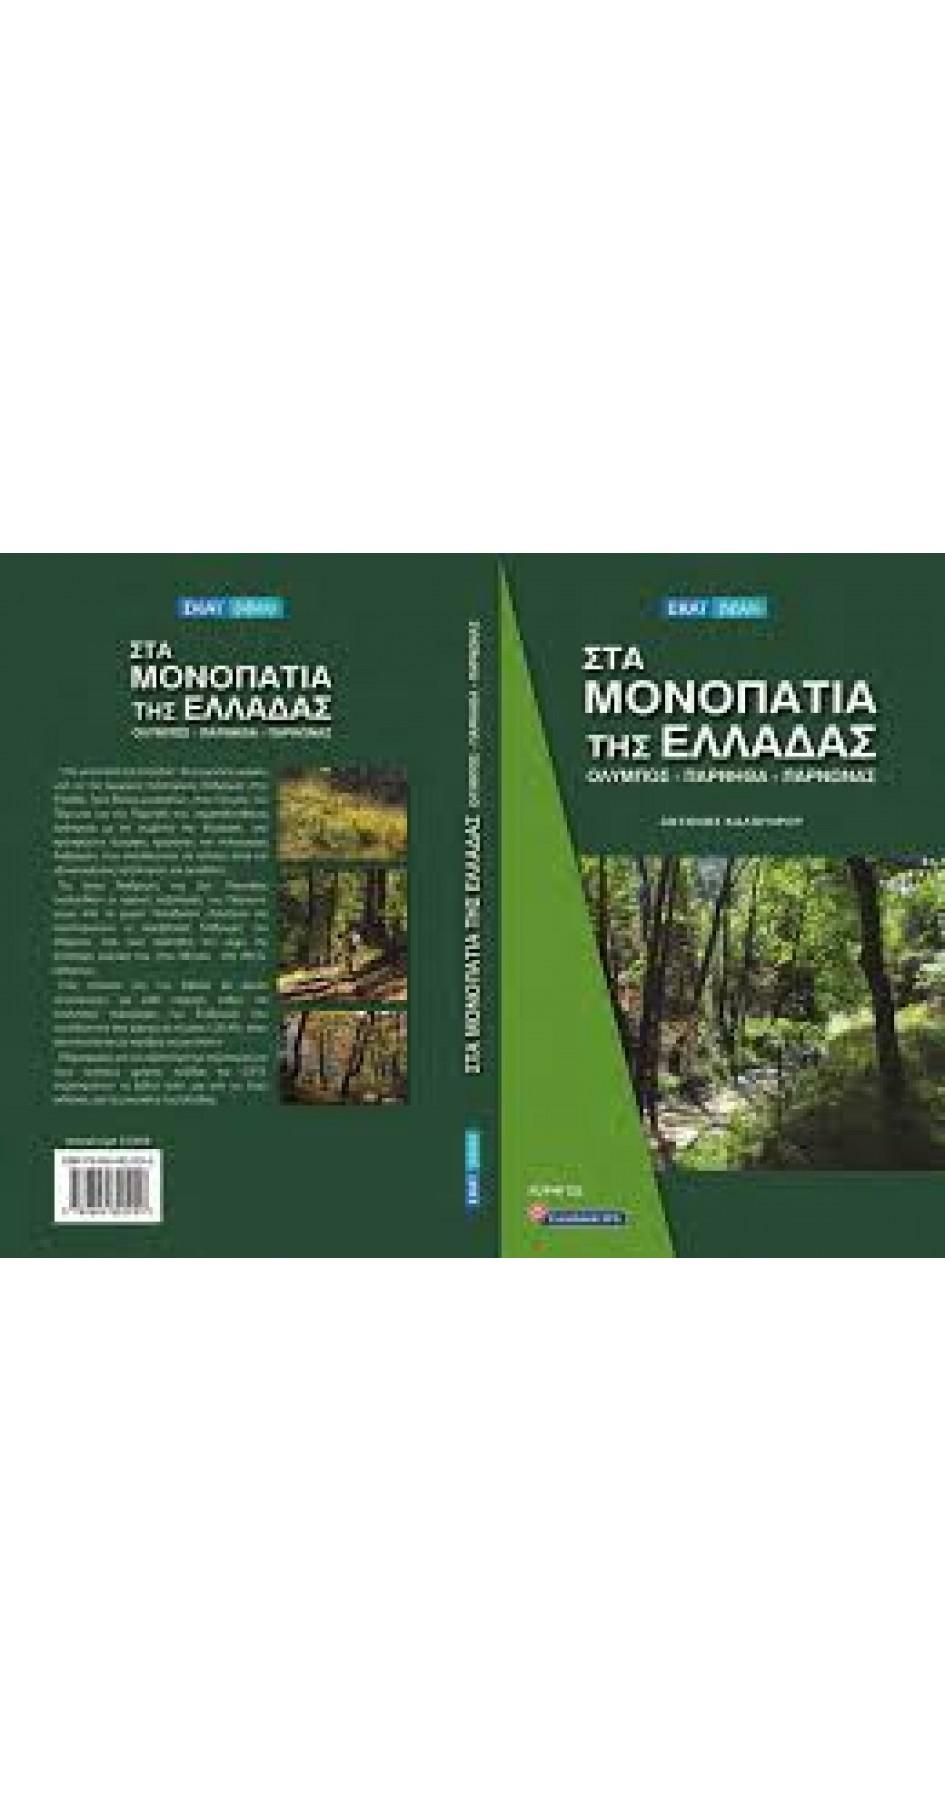 Στα μονοπάτια της Ελλάδας, Όλυμπος-Πάρνηθα-Πάρνωνας